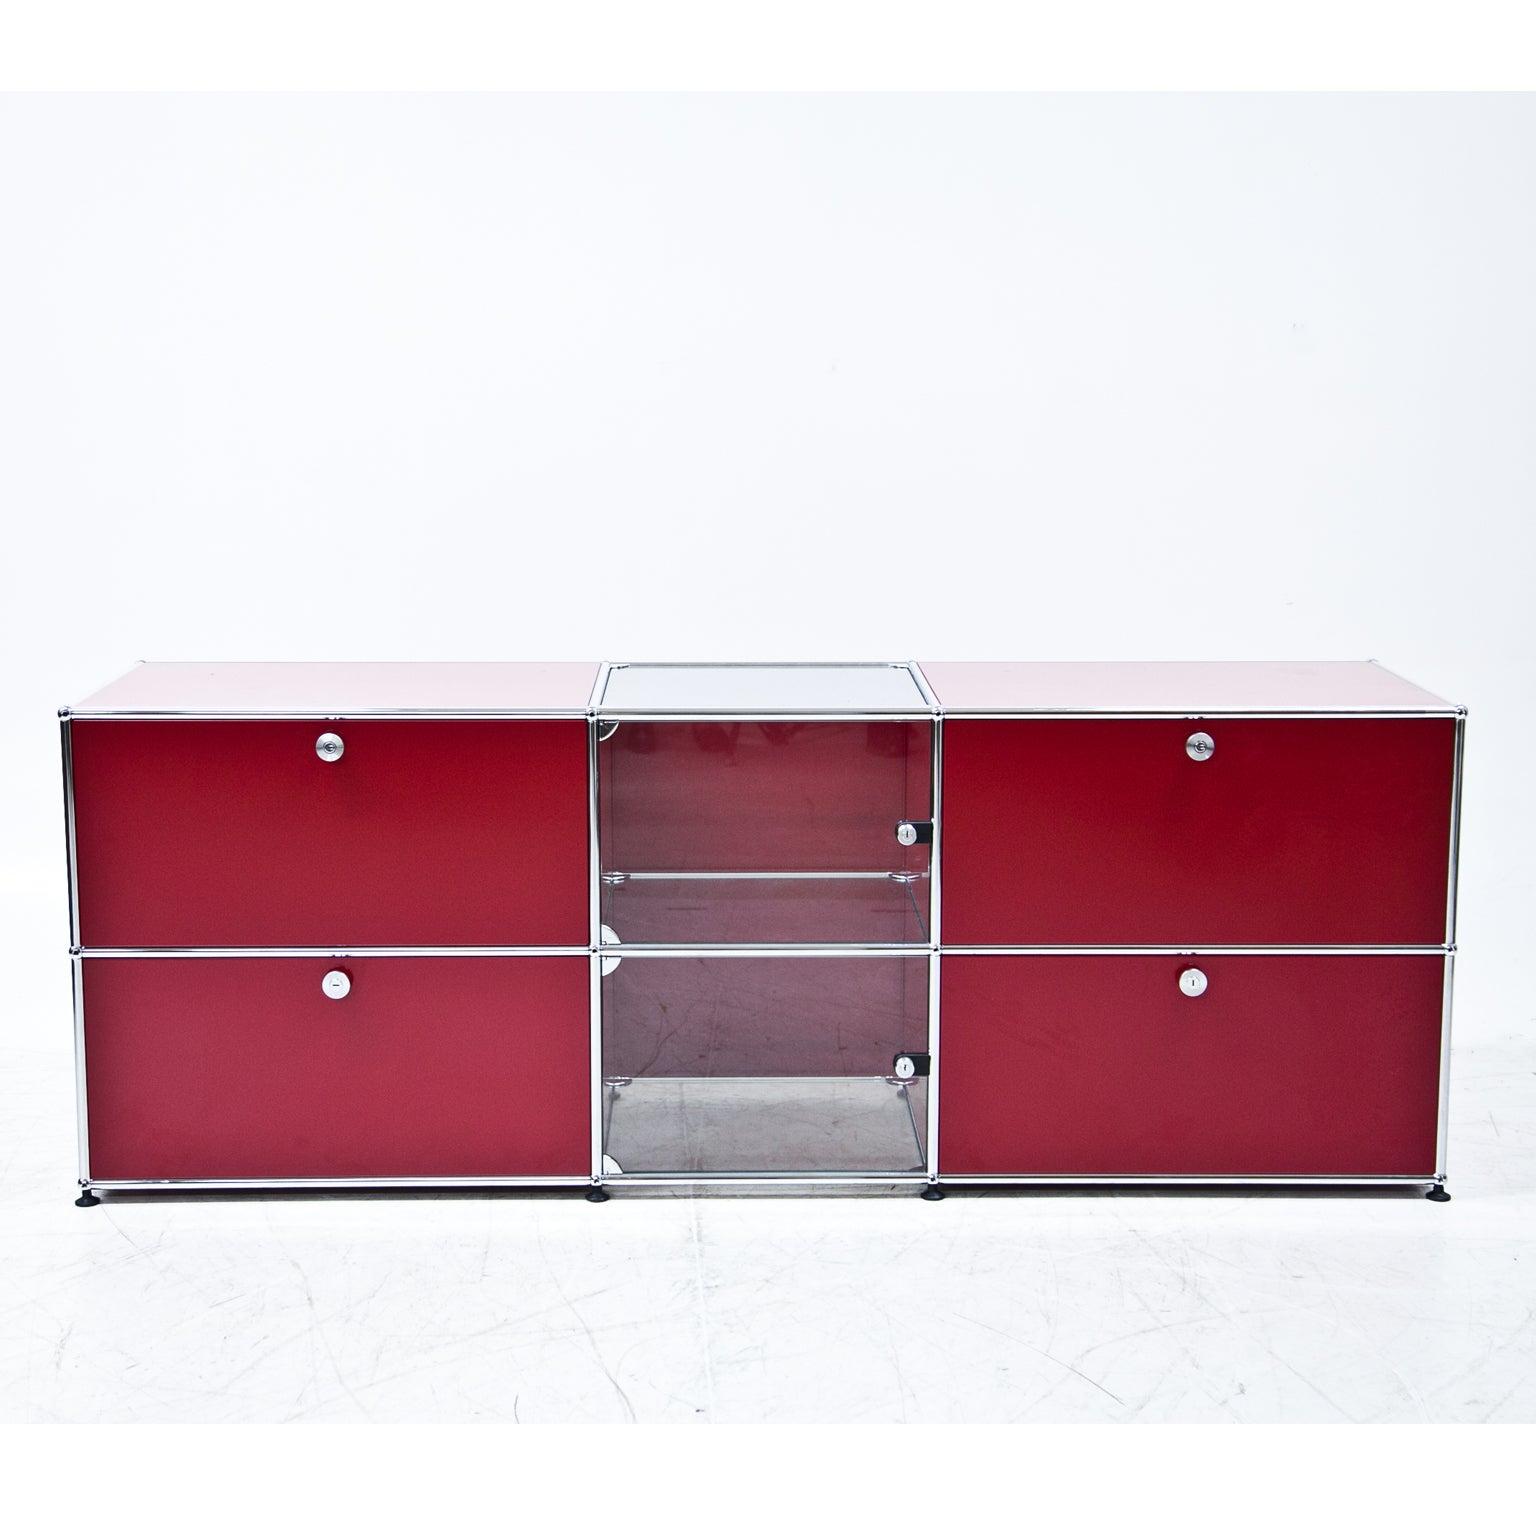 Red Usm Haller Sideboard For Sale At 1stdibs